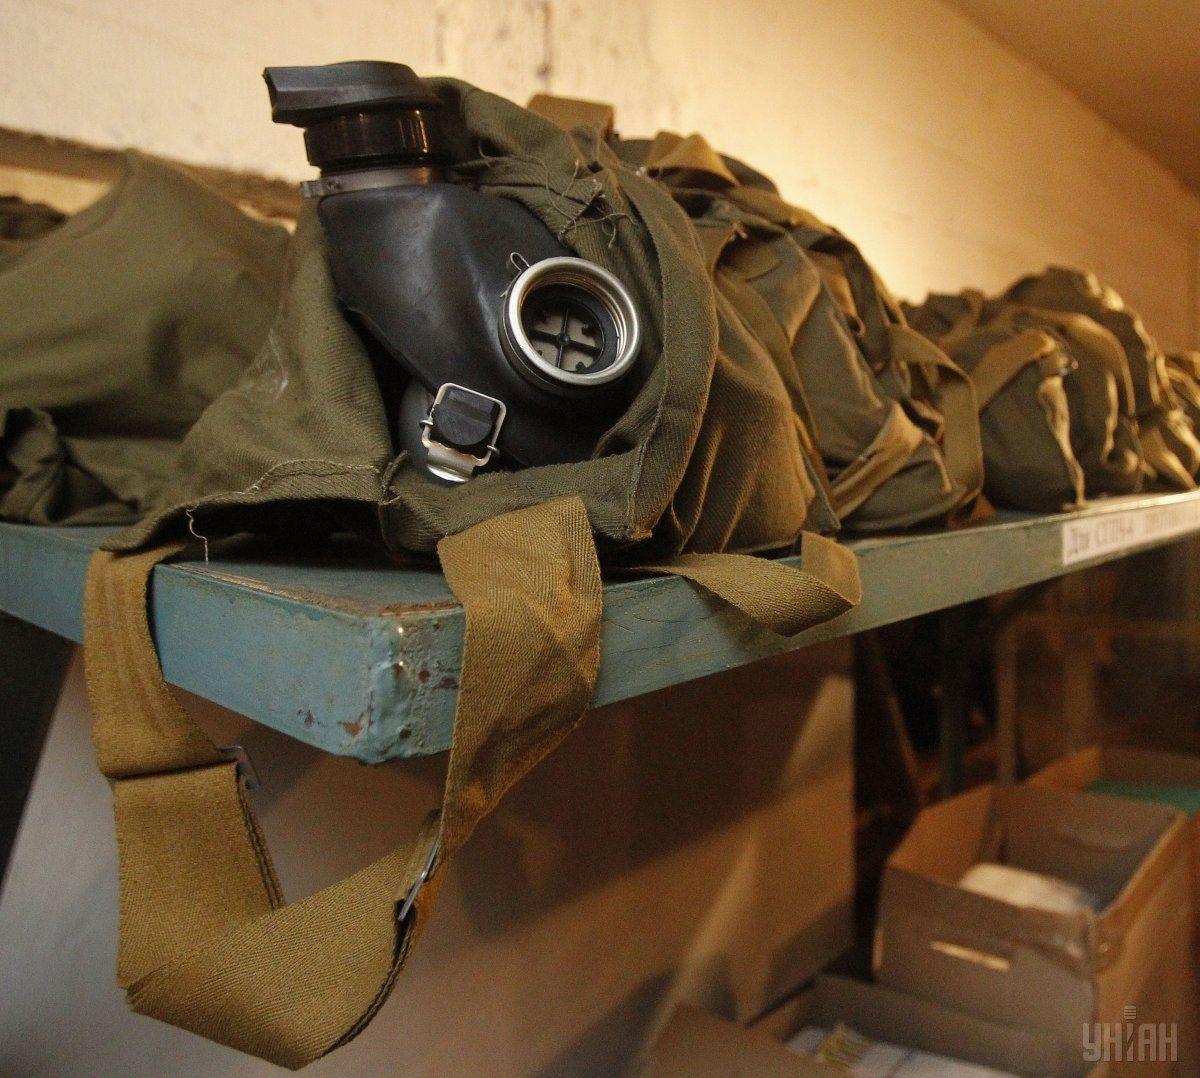 Промышленную зону оцепили полицейские в противогазах / фото УНИАН